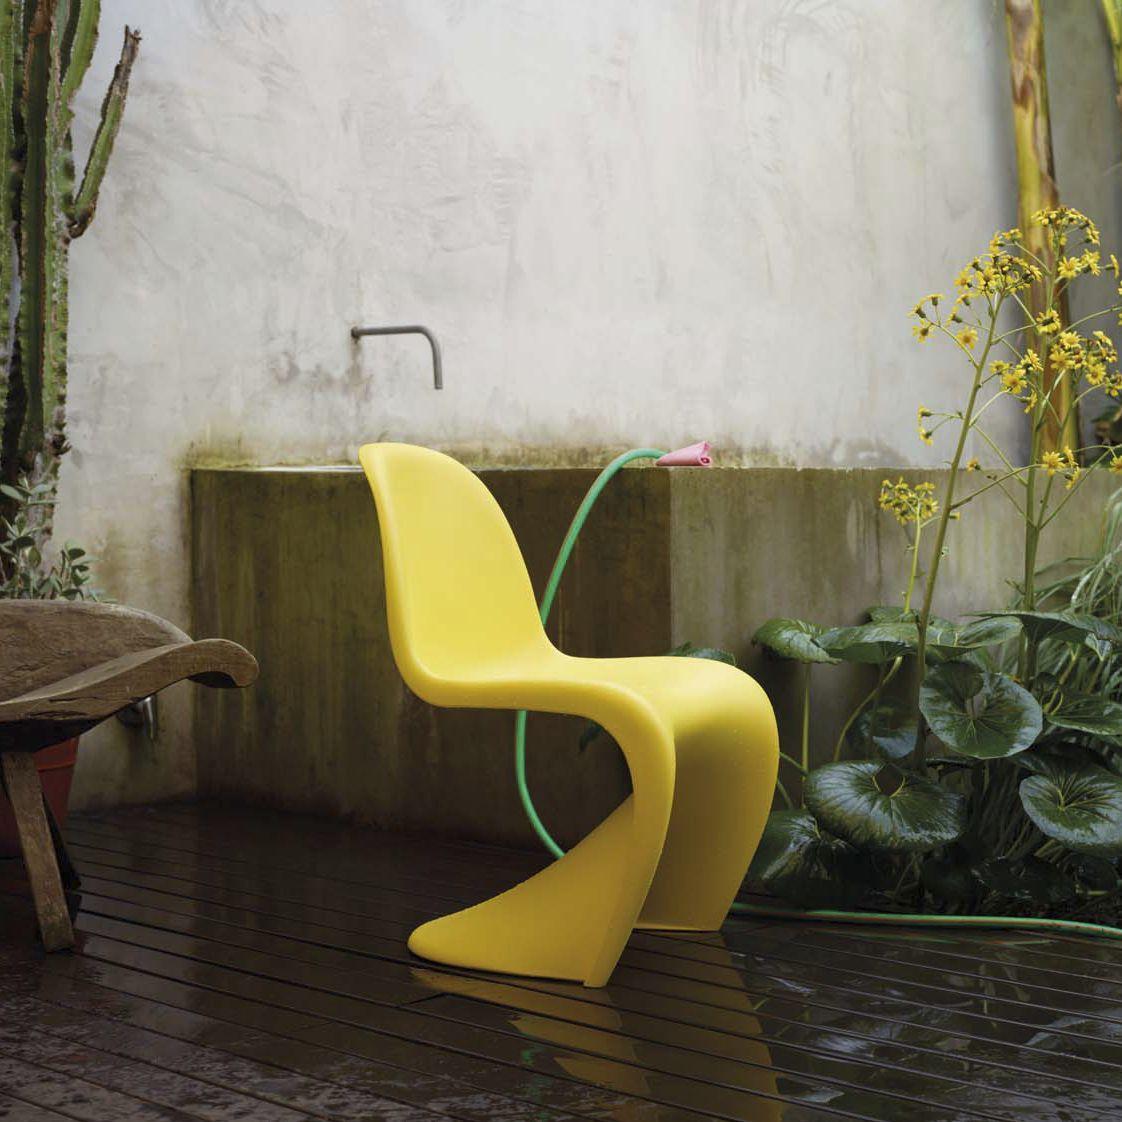 Original design chair polyurethane outdoor by verner